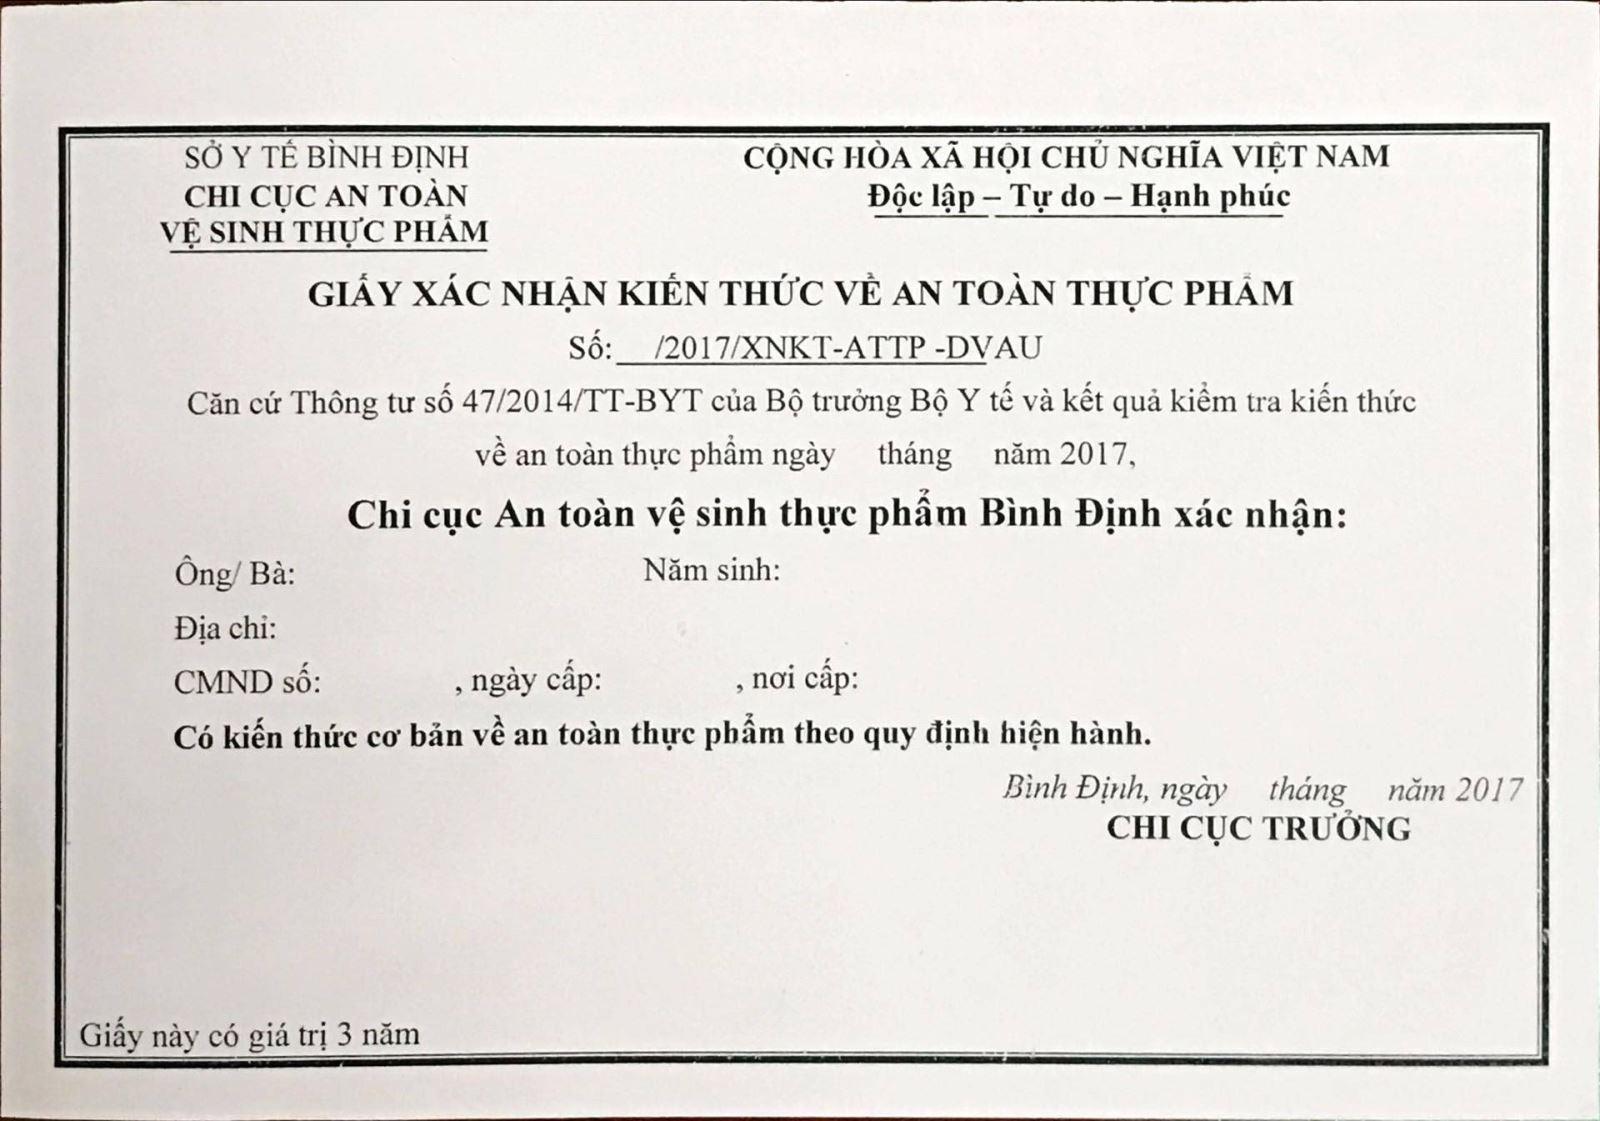 giấy chứng nhận an toàn thực phẩm khu vực bình dương